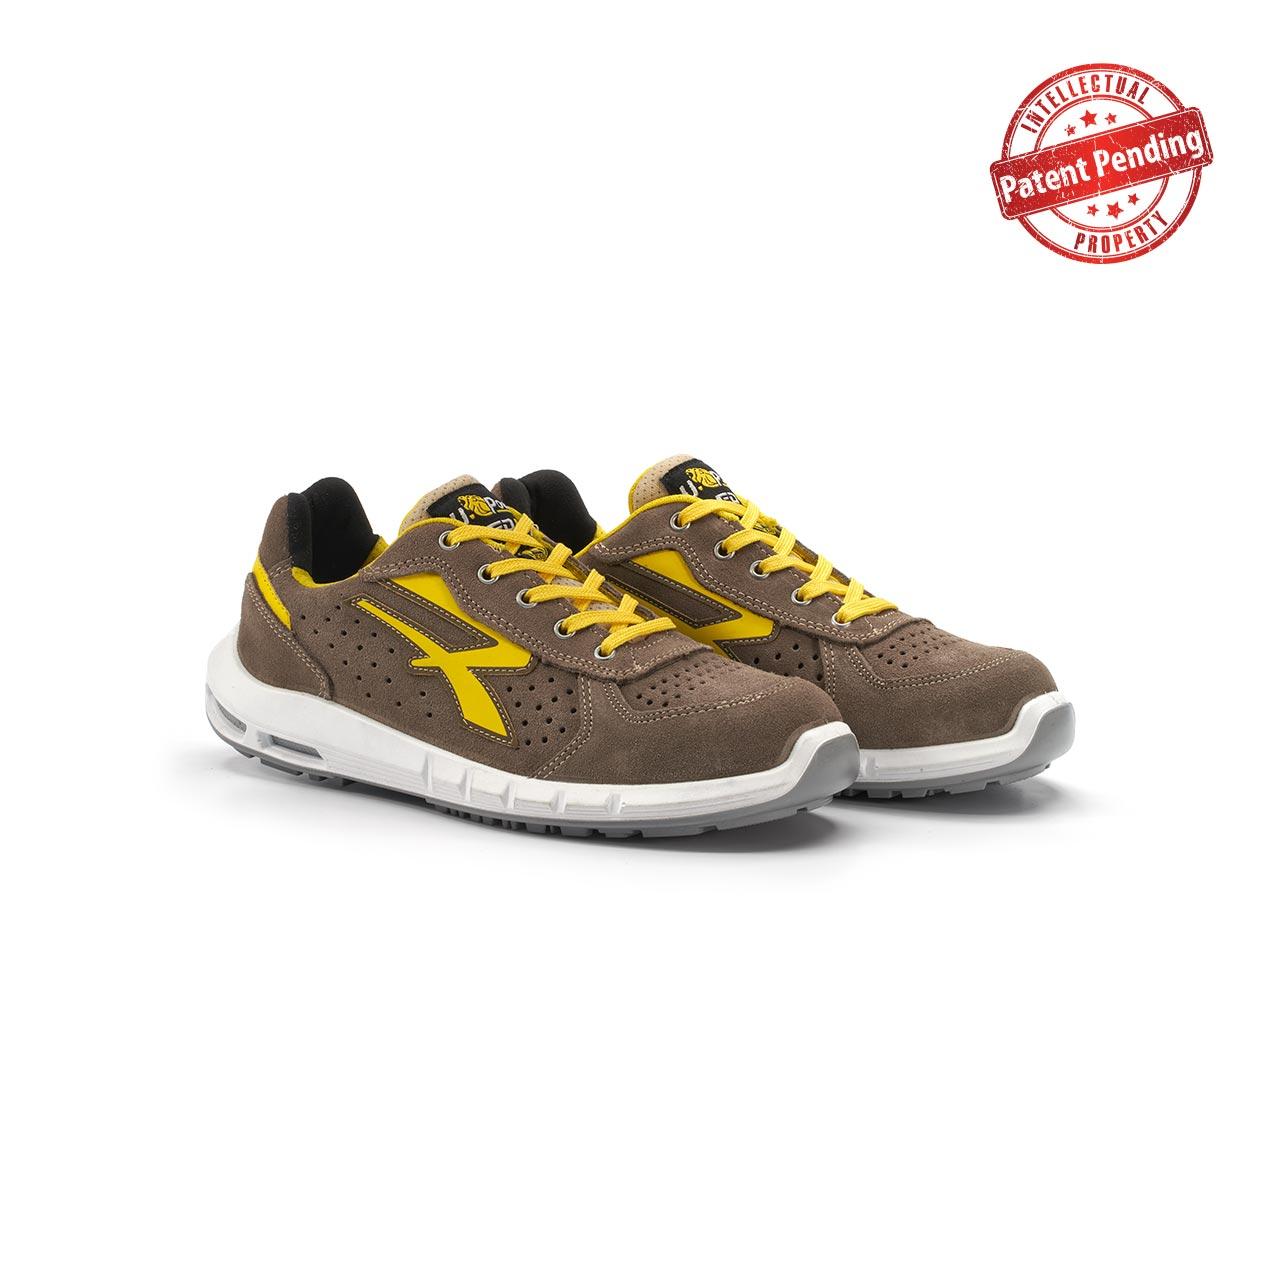 paio di scarpe antinfortunistiche upower modello dorado plus linea redup plus vista prospettica